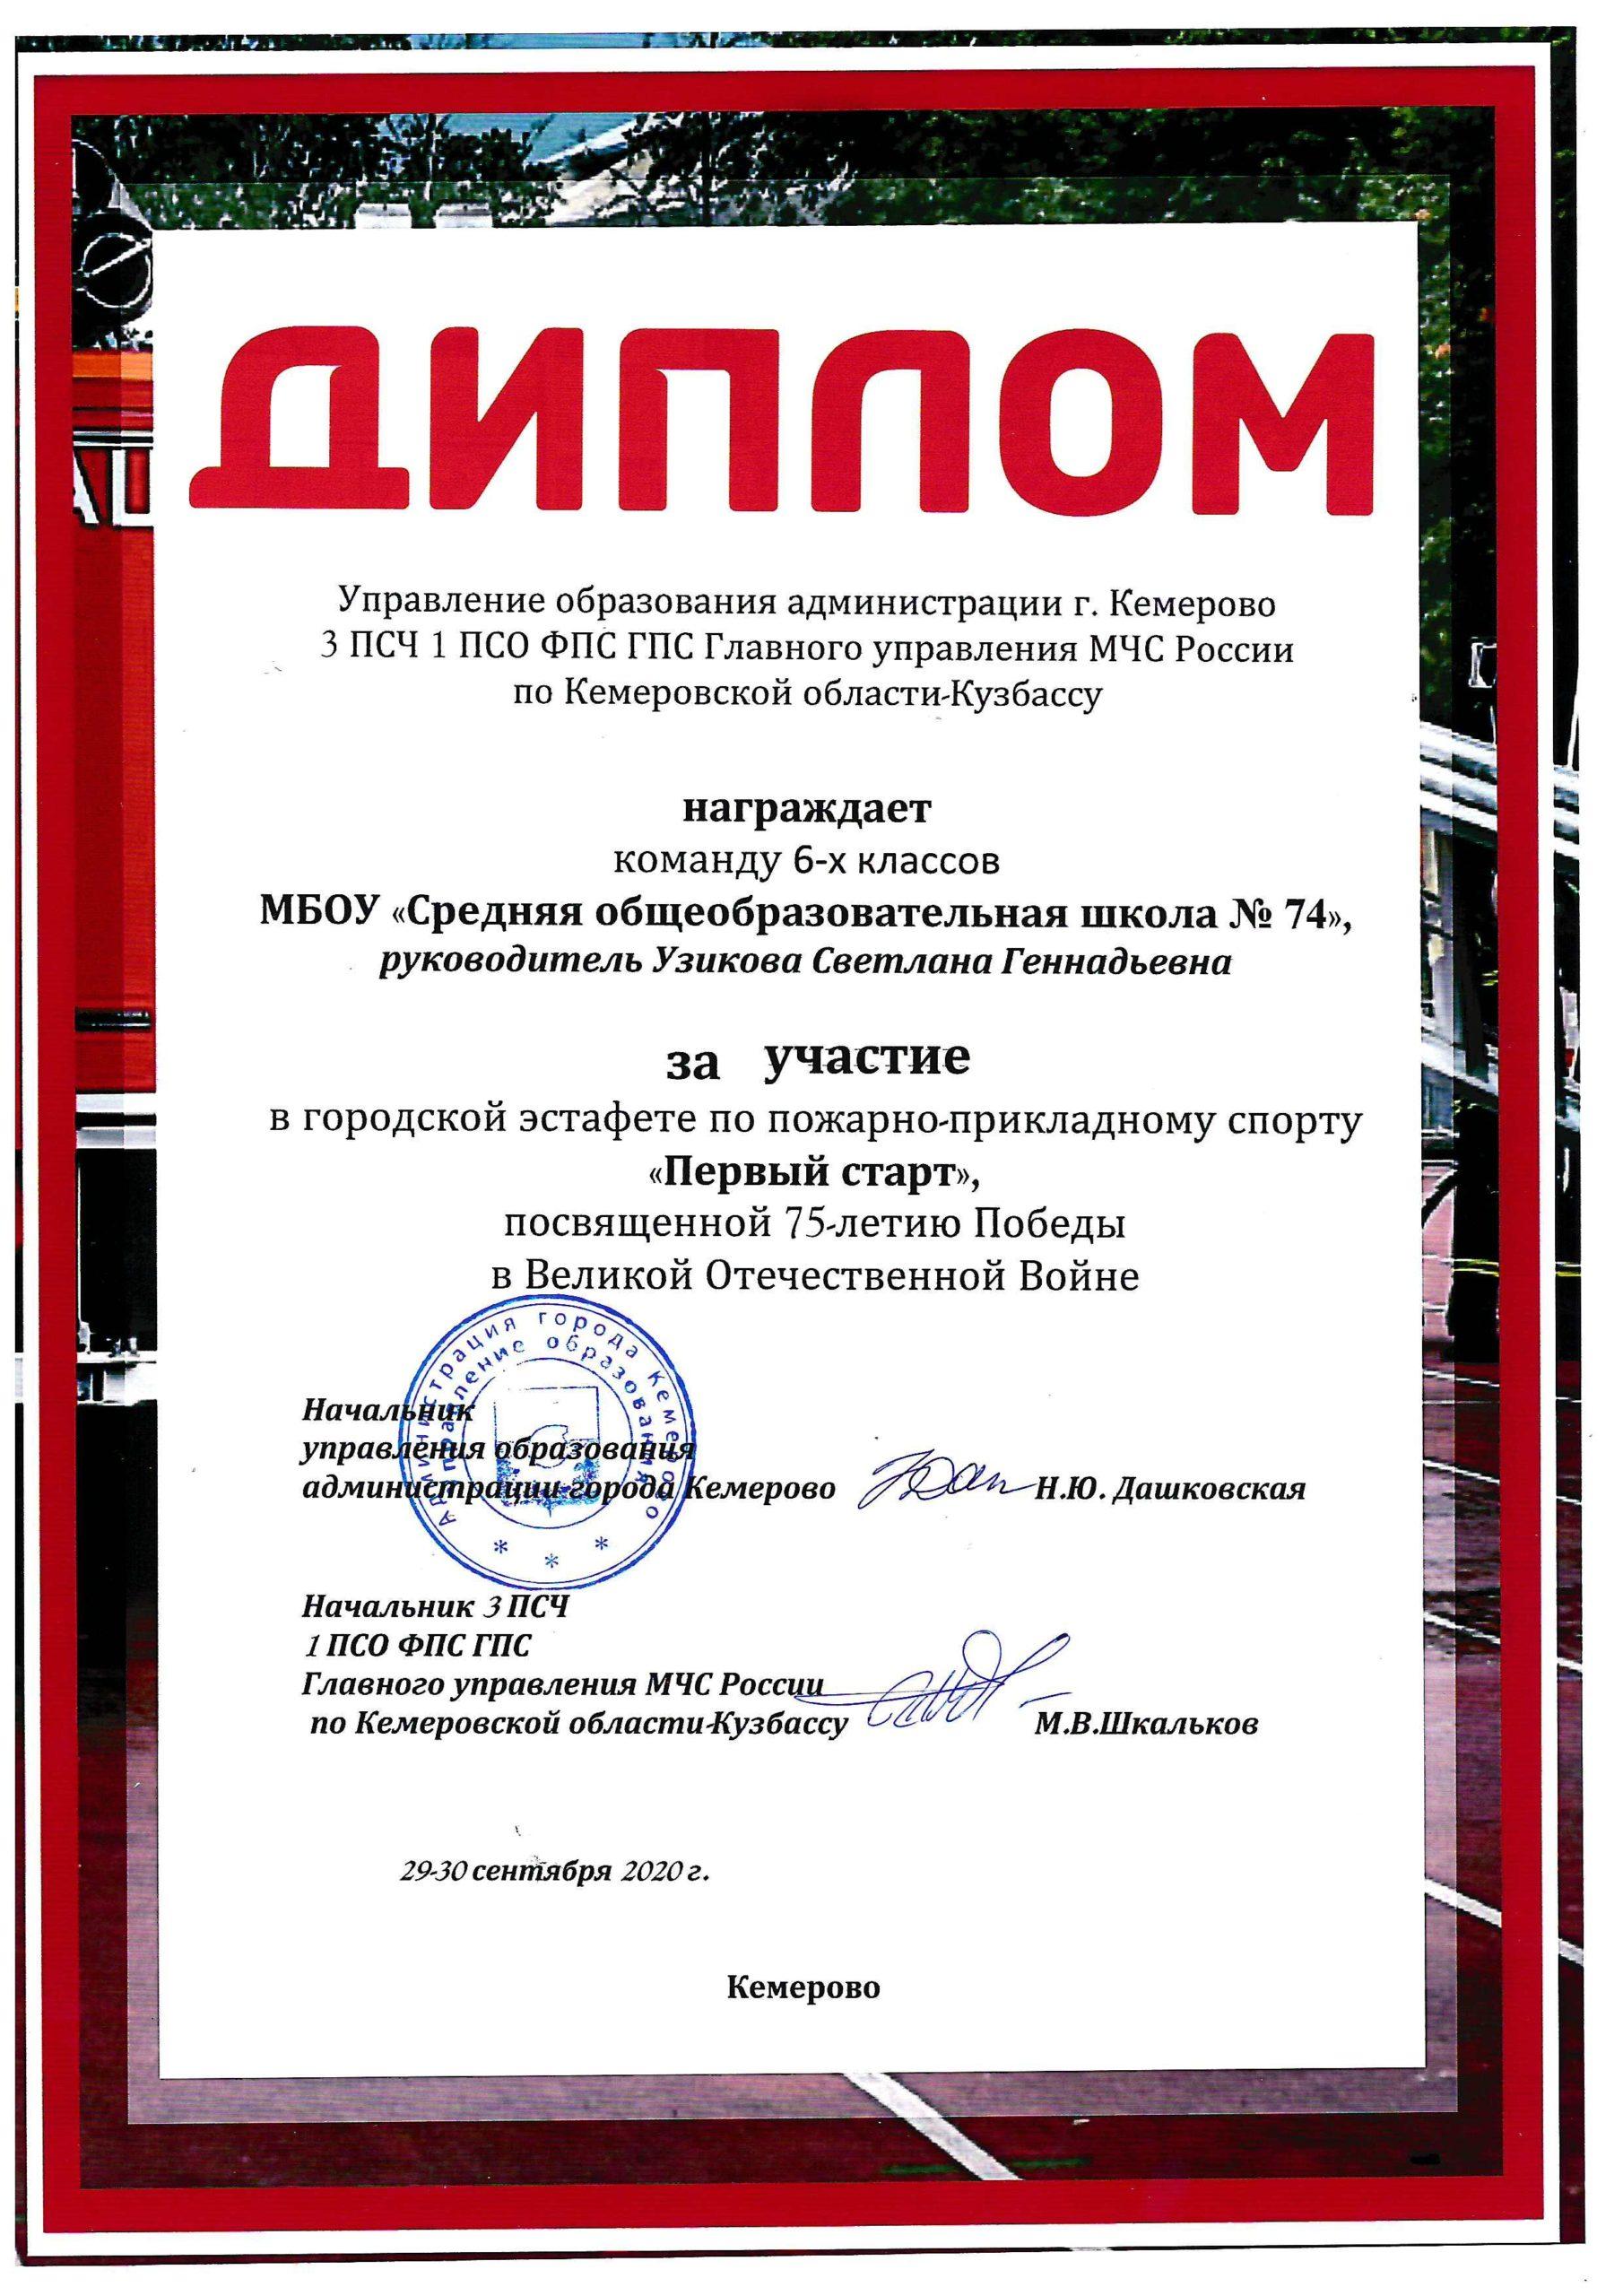 Дипломы ППС — 0006